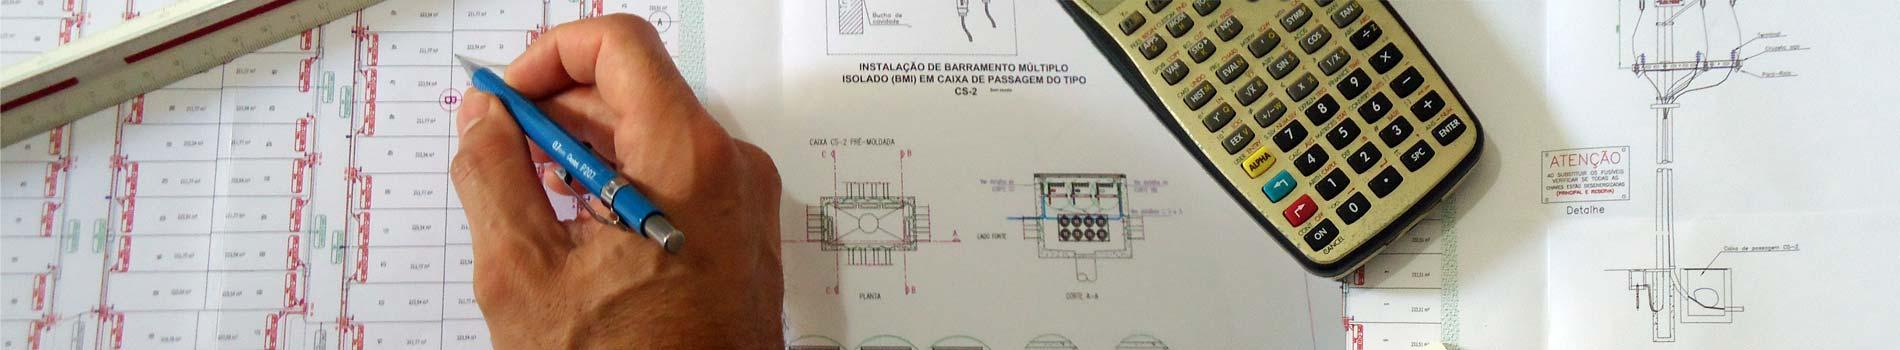 projetos-de-redes-eletricas-subterraneas-1